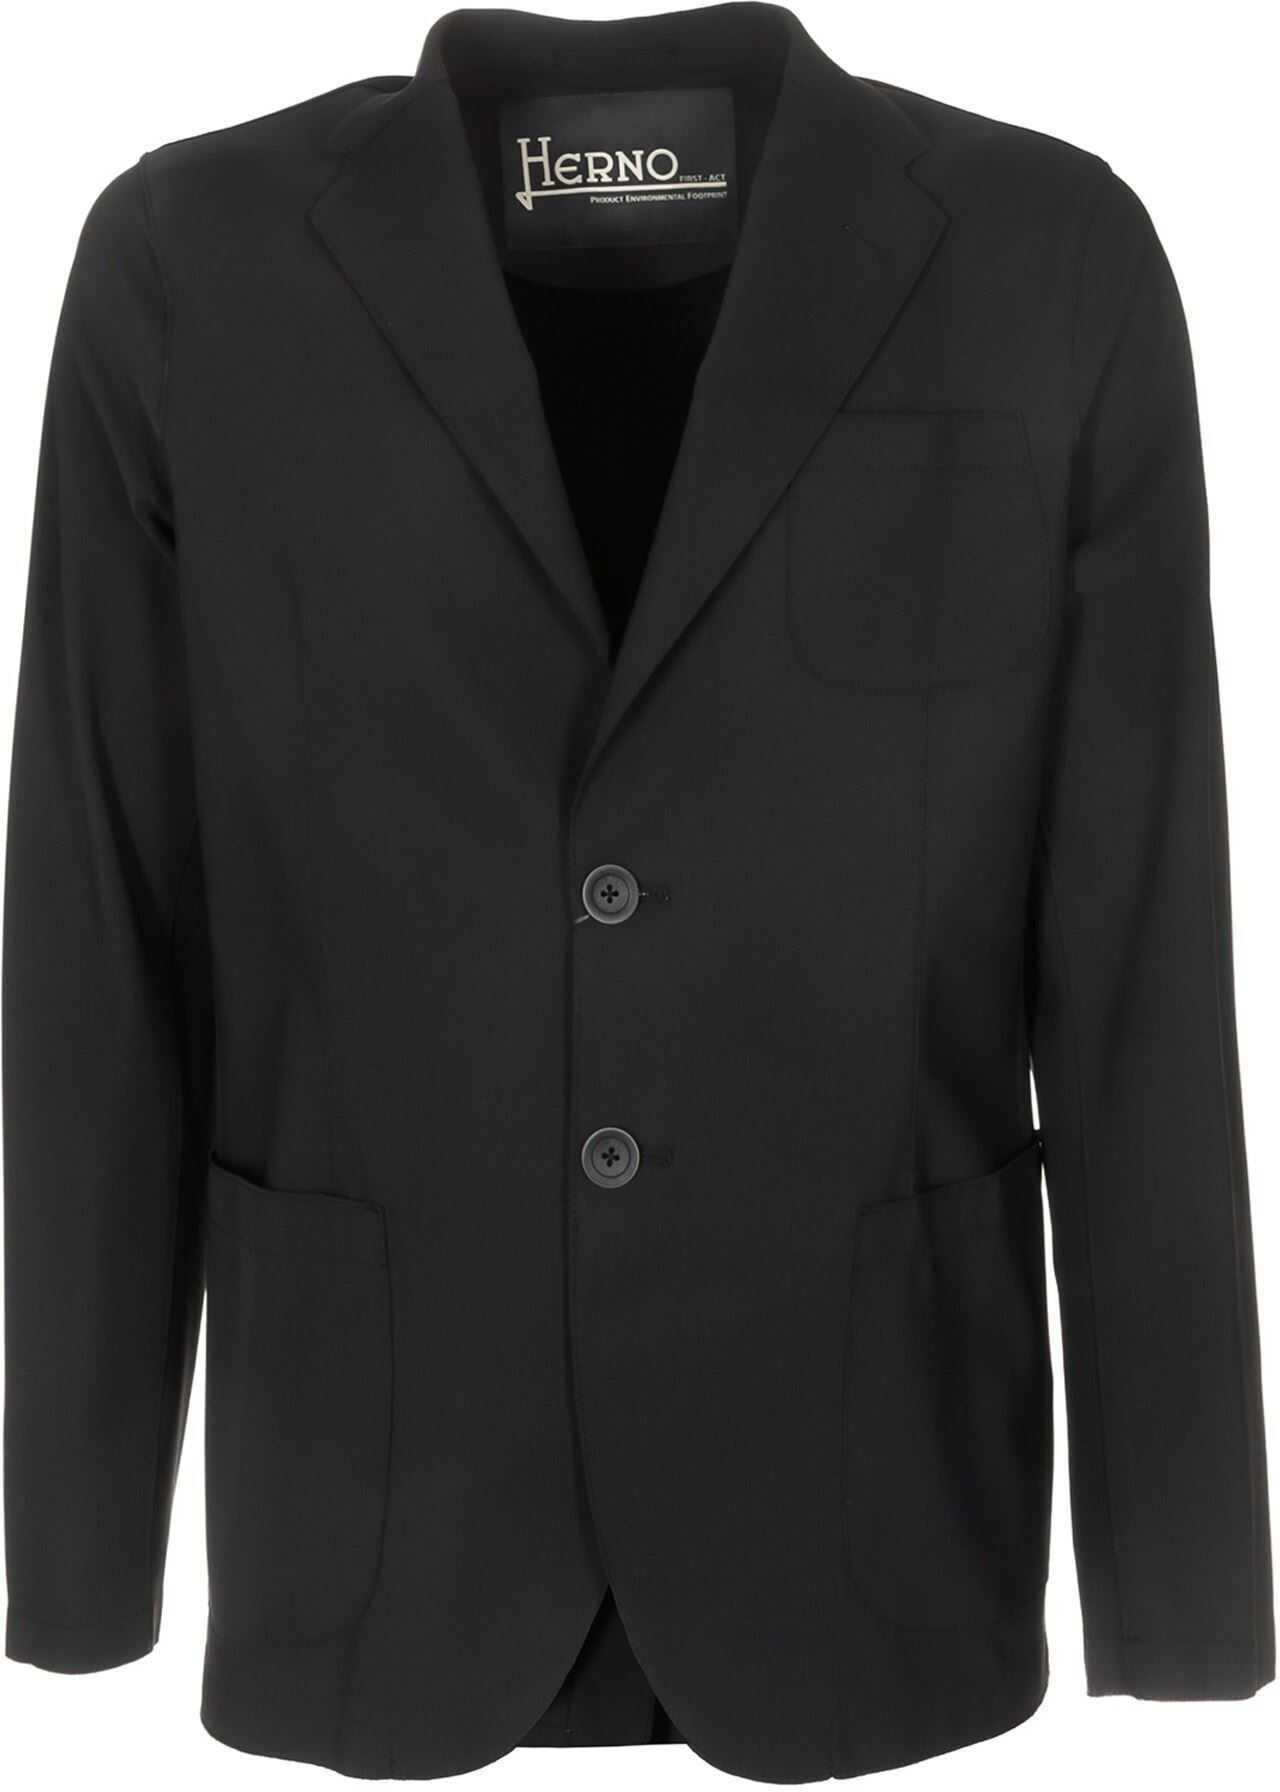 Herno Single-Breasted Blazer In Black Black imagine